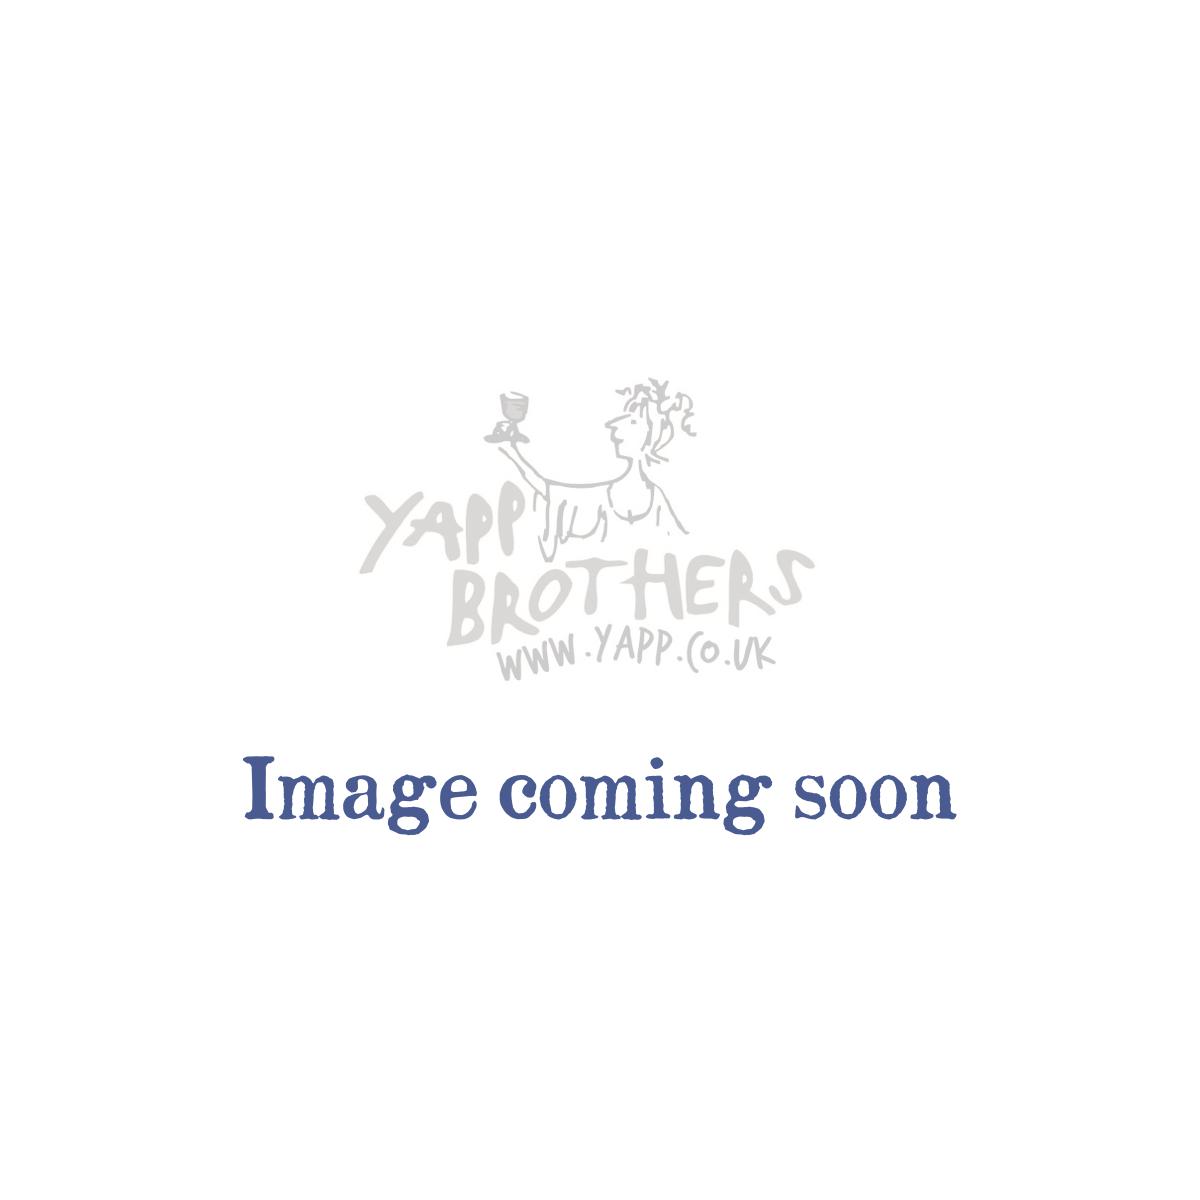 Saint-Chinian: Château Milhau-Lacugue 'Les Truffières' 2016 - Bottle Rear Label